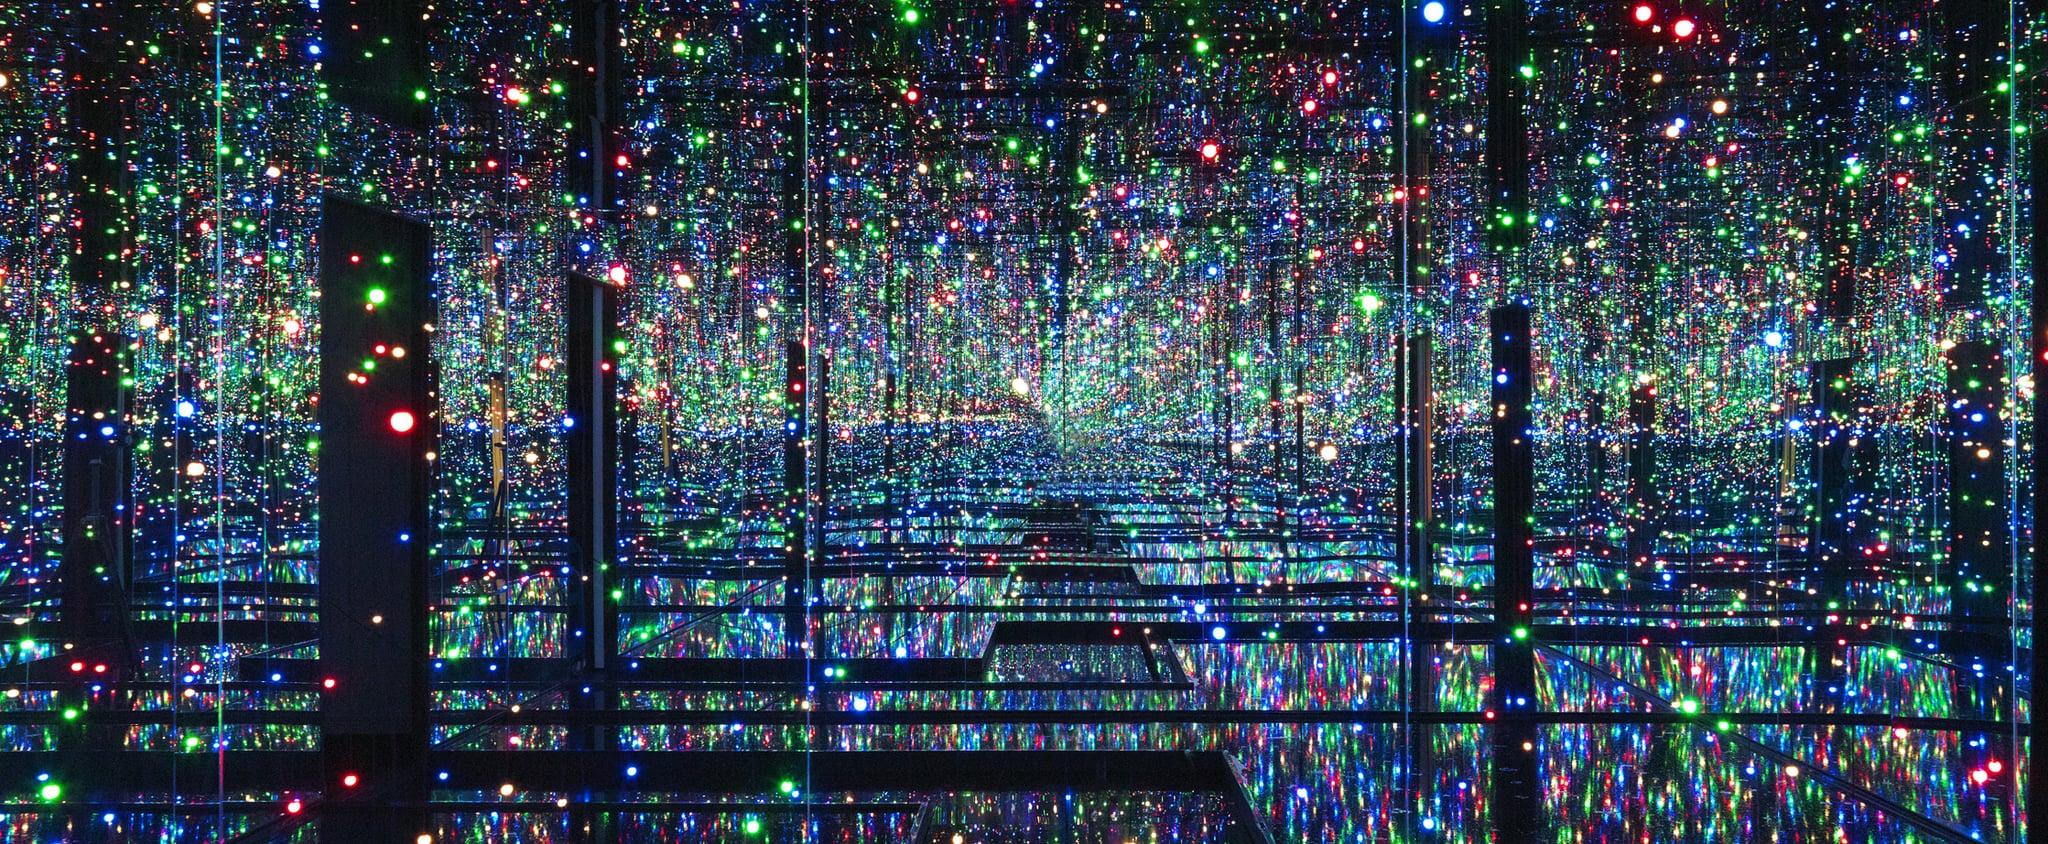 Yayoi Kusama: Infinity Rooms at London's Tate Modern 2021